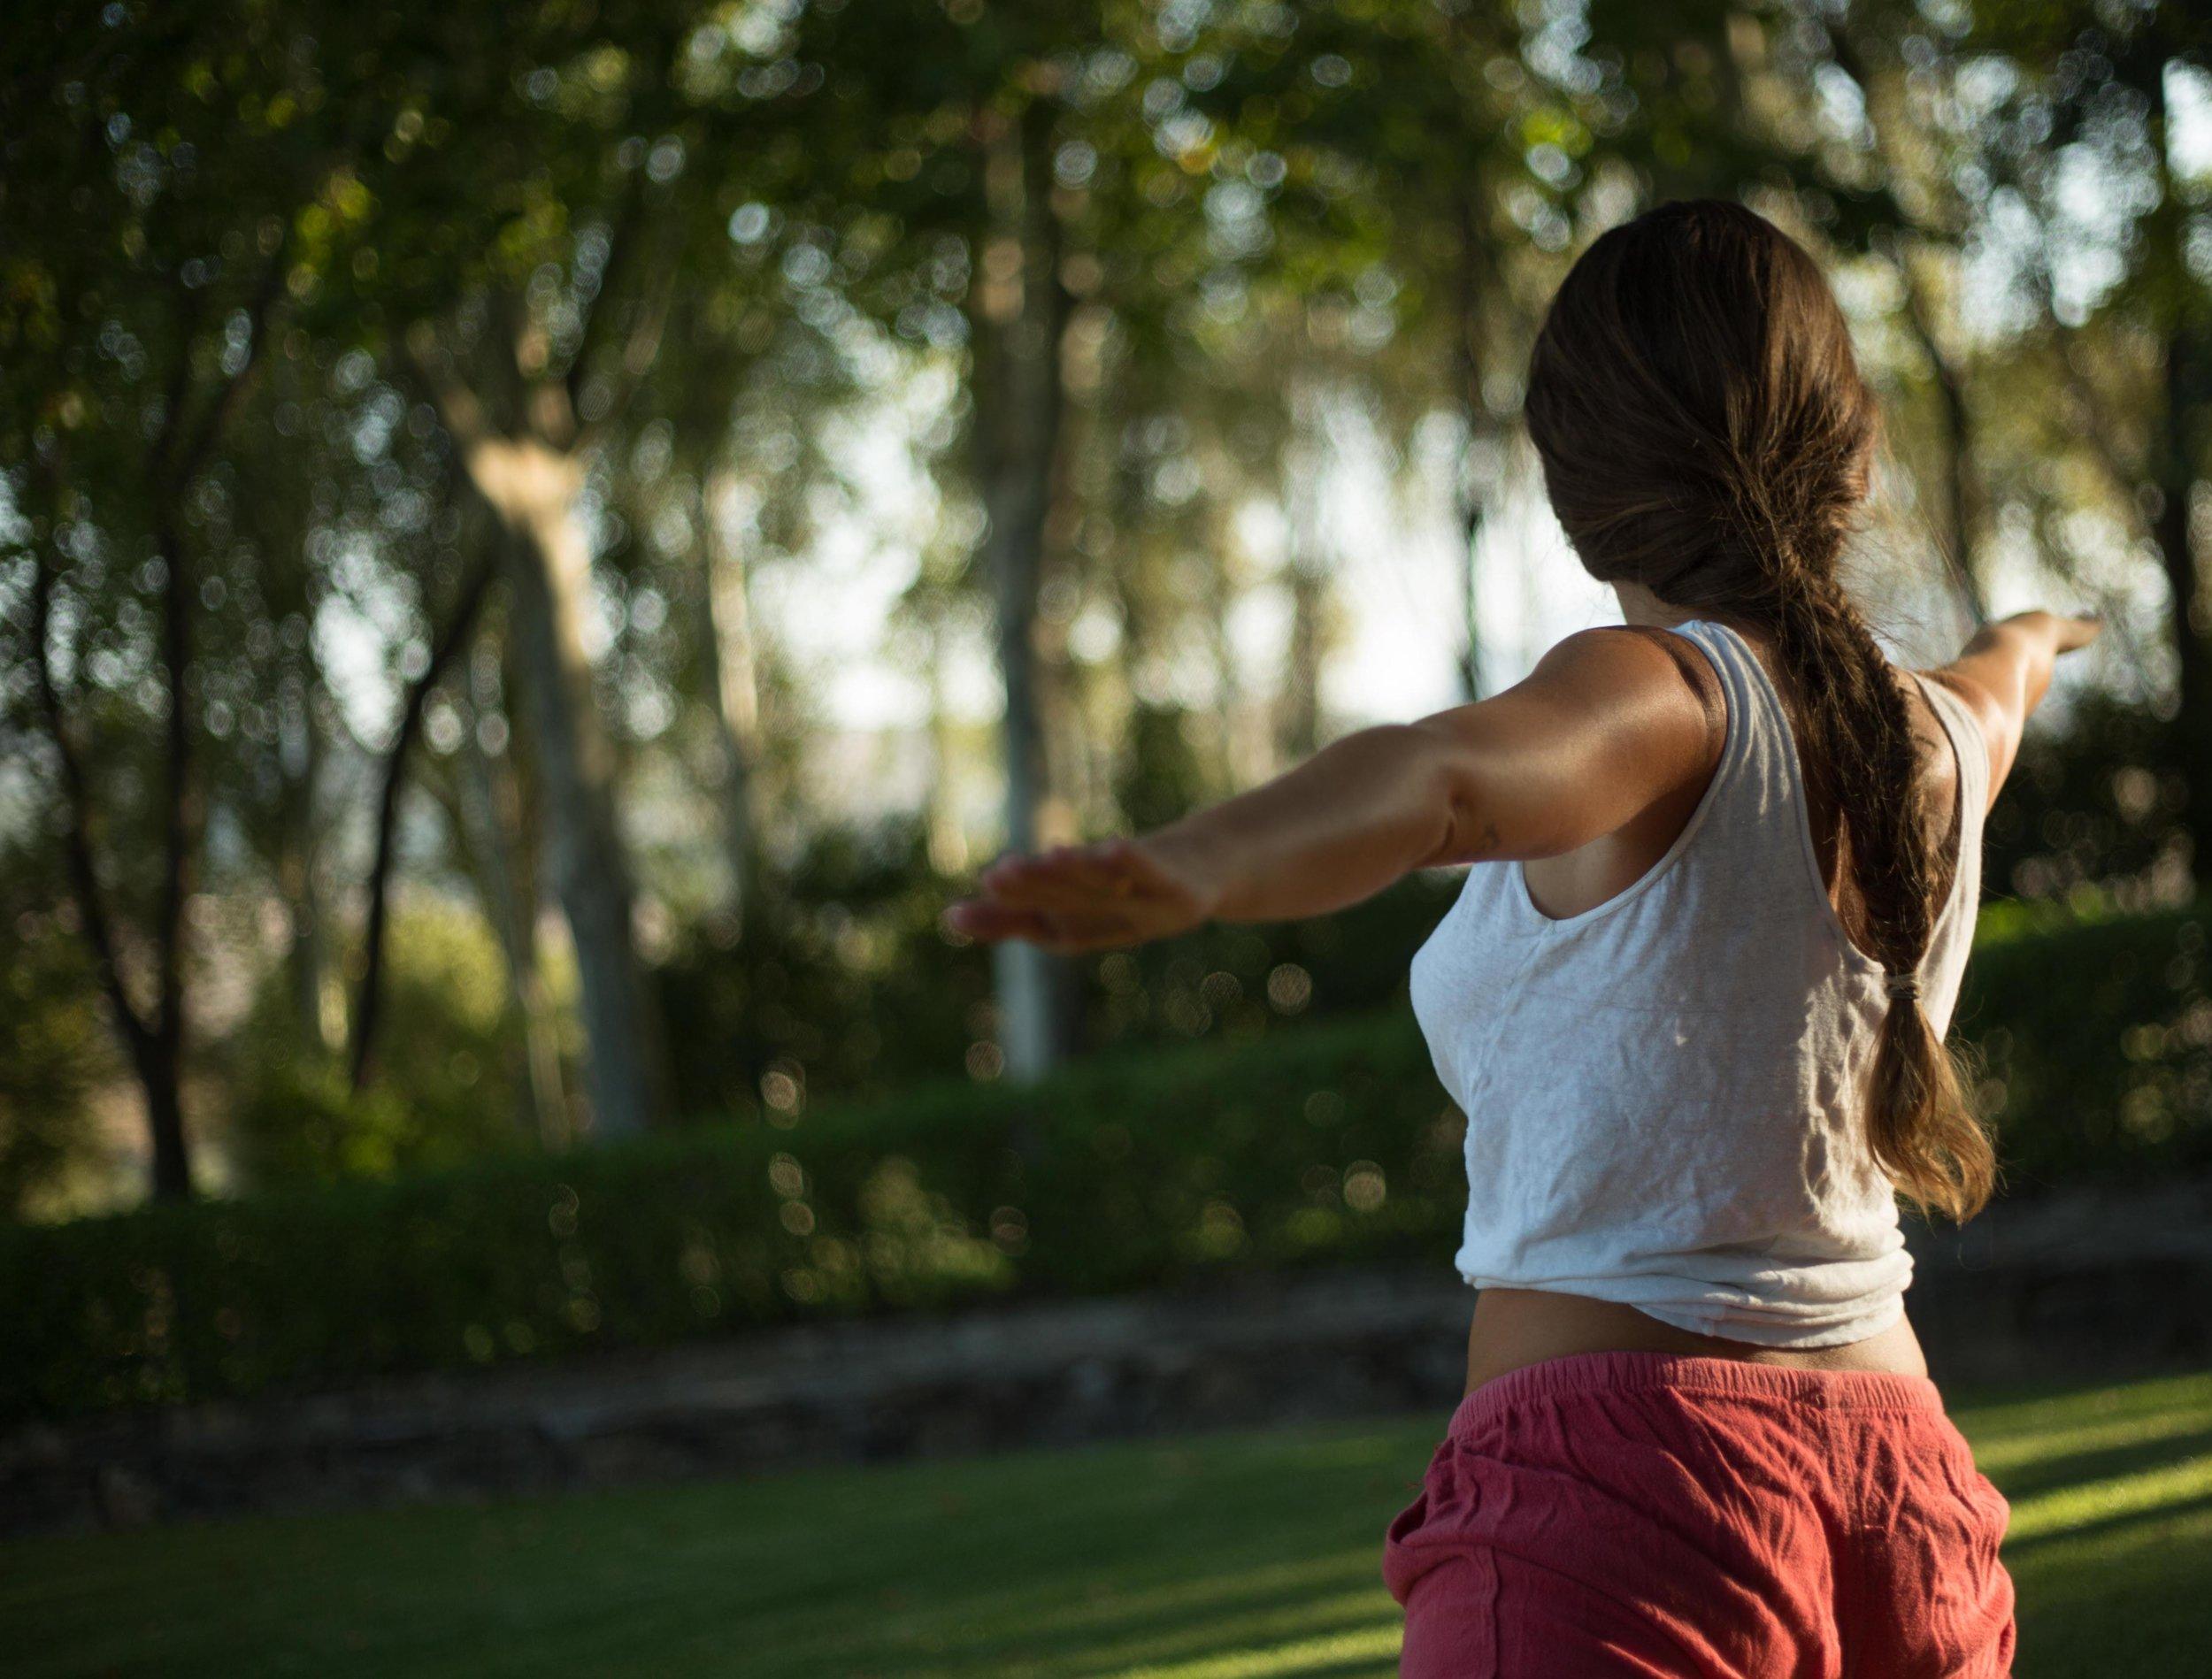 Experience-retreats-Yoga-retreat-fitness-retreats-Andalucia-Yoga.JPG